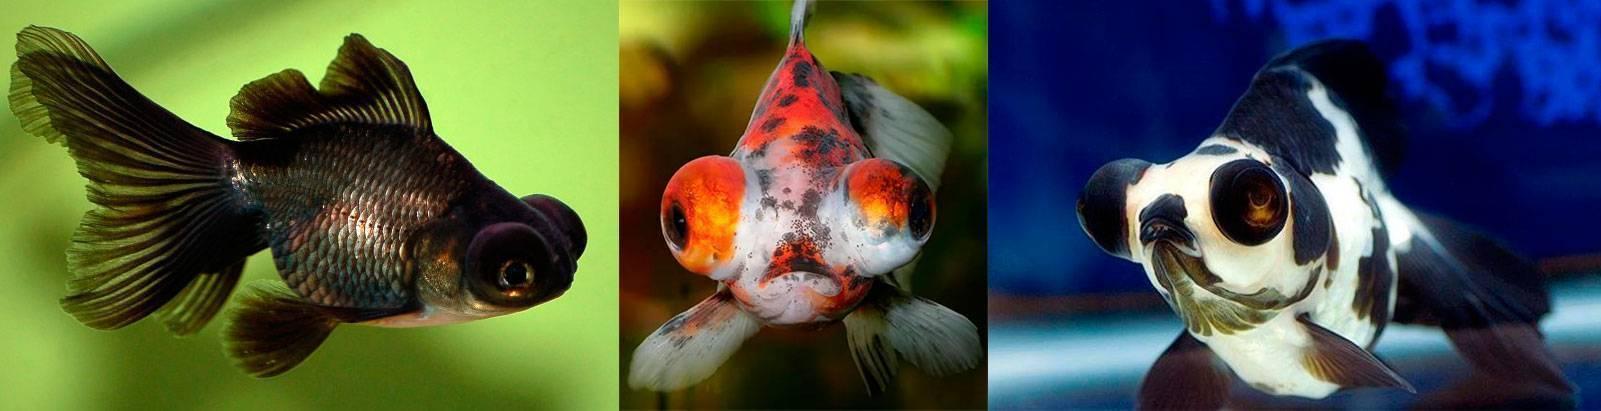 Телескоп рыбка: фото, содержание, совместимость, уход